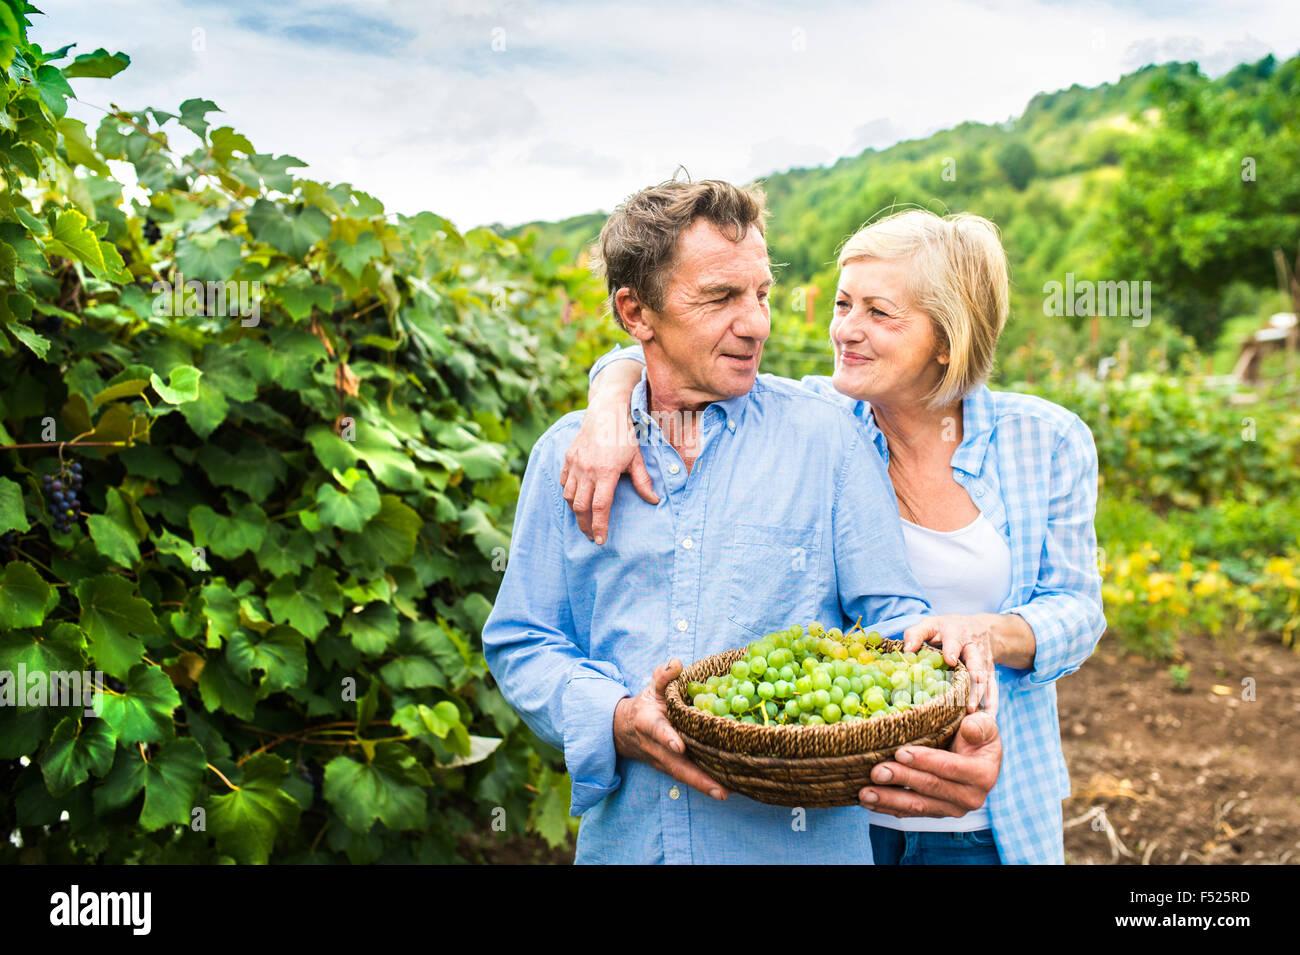 Accoppiare la raccolta uva Immagini Stock